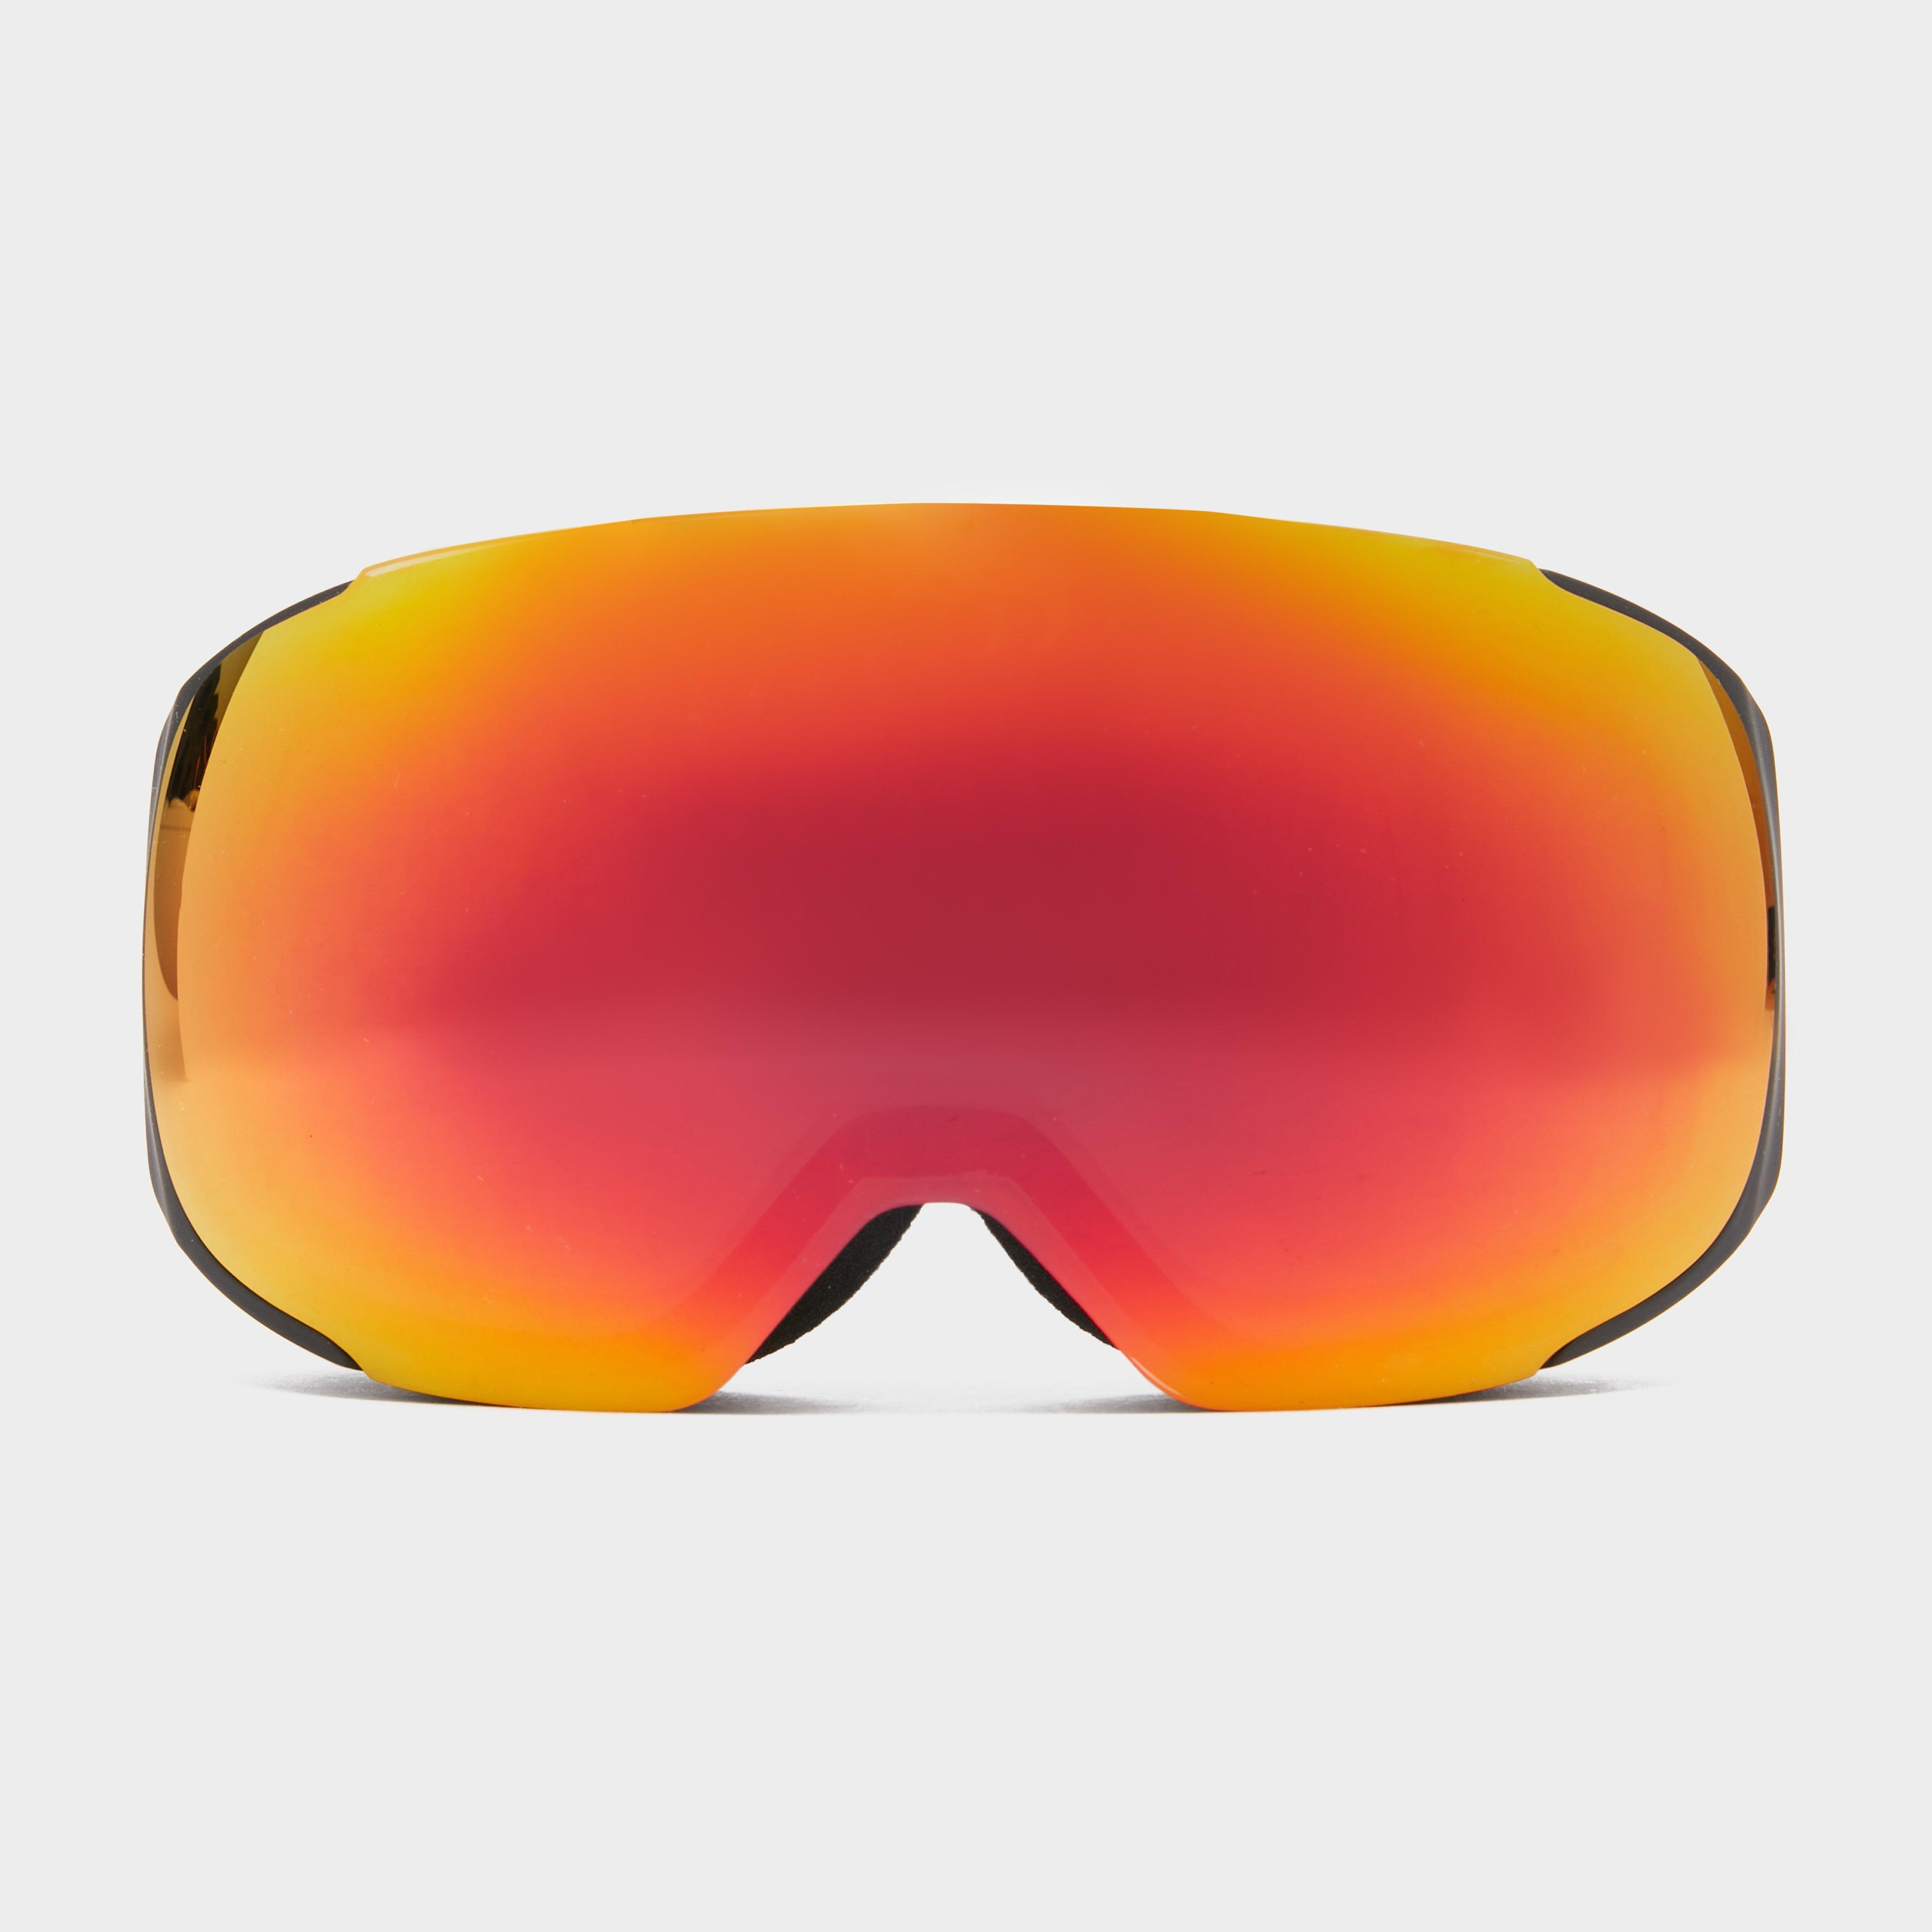 The Edge Aquilo Interchangeable Goggles, MATTE BLACK/GOGGLE